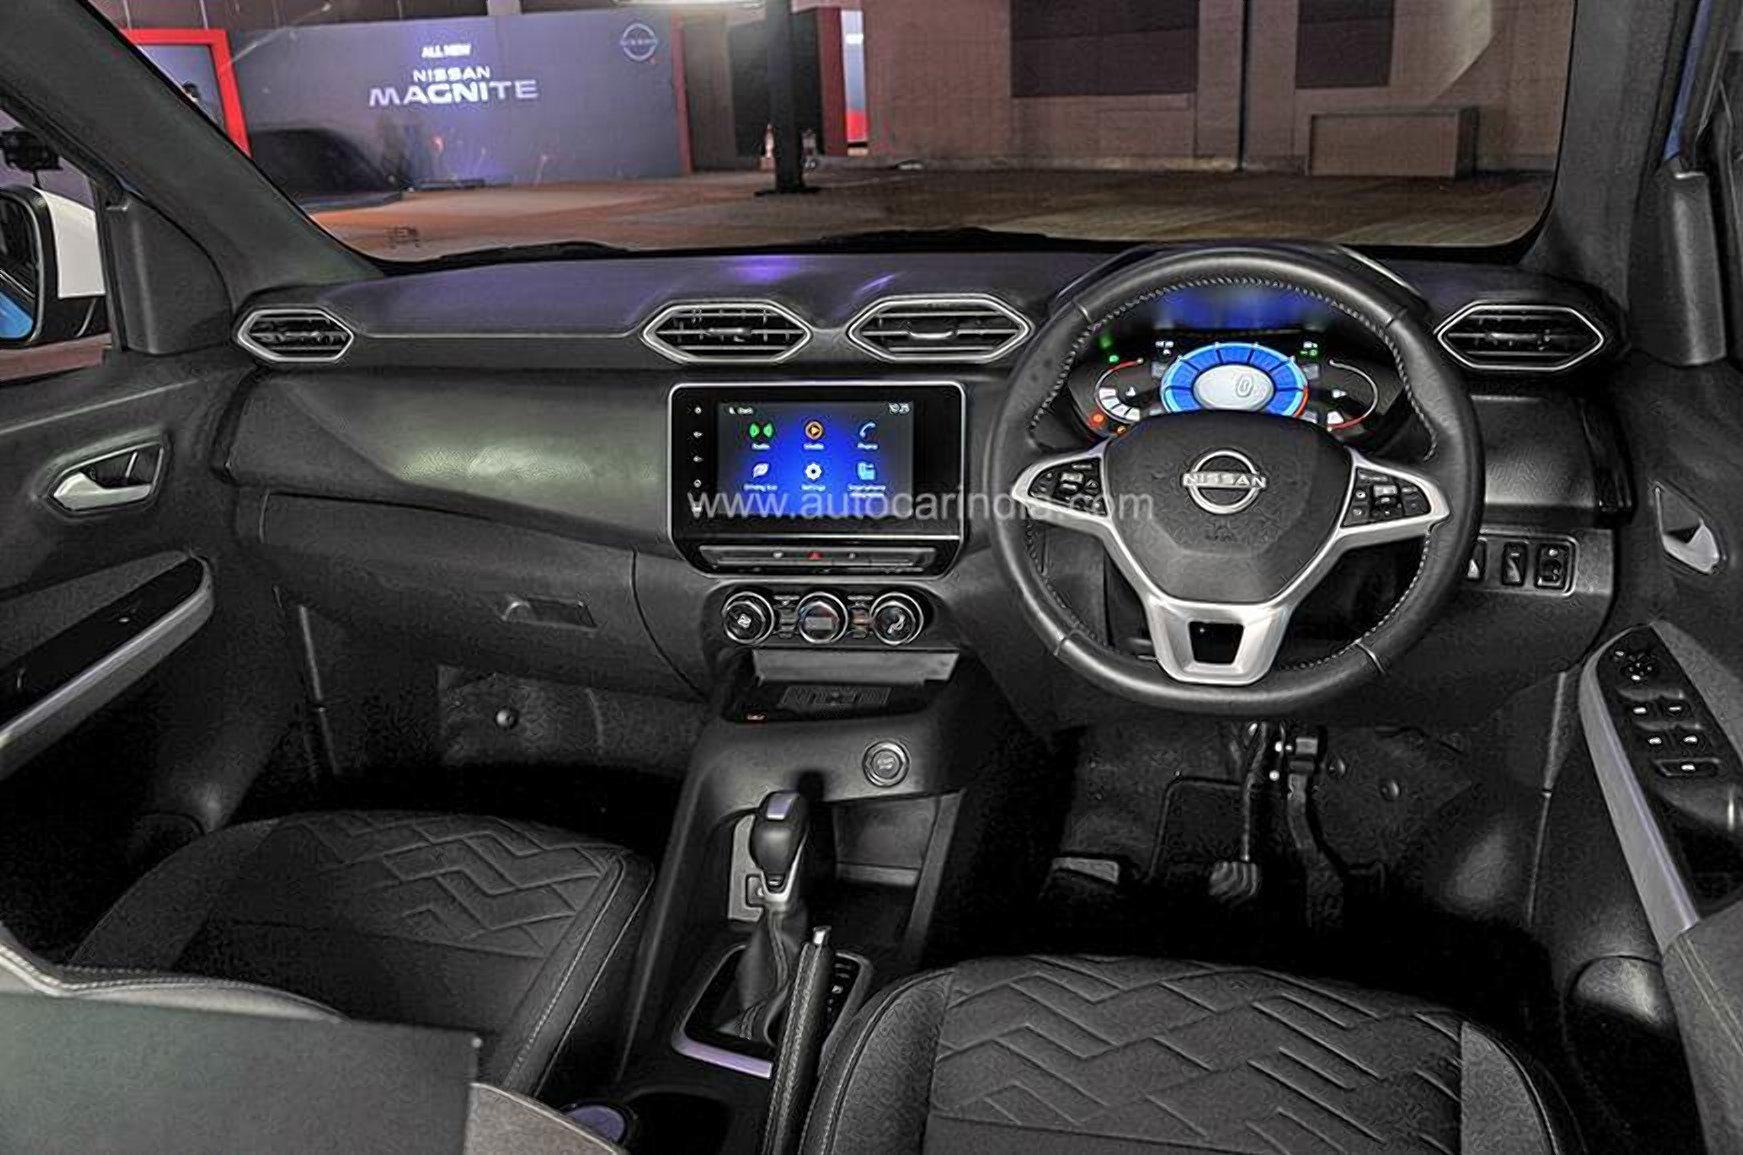 Nissan начал выпускать кроссовер за 7 200 долларов